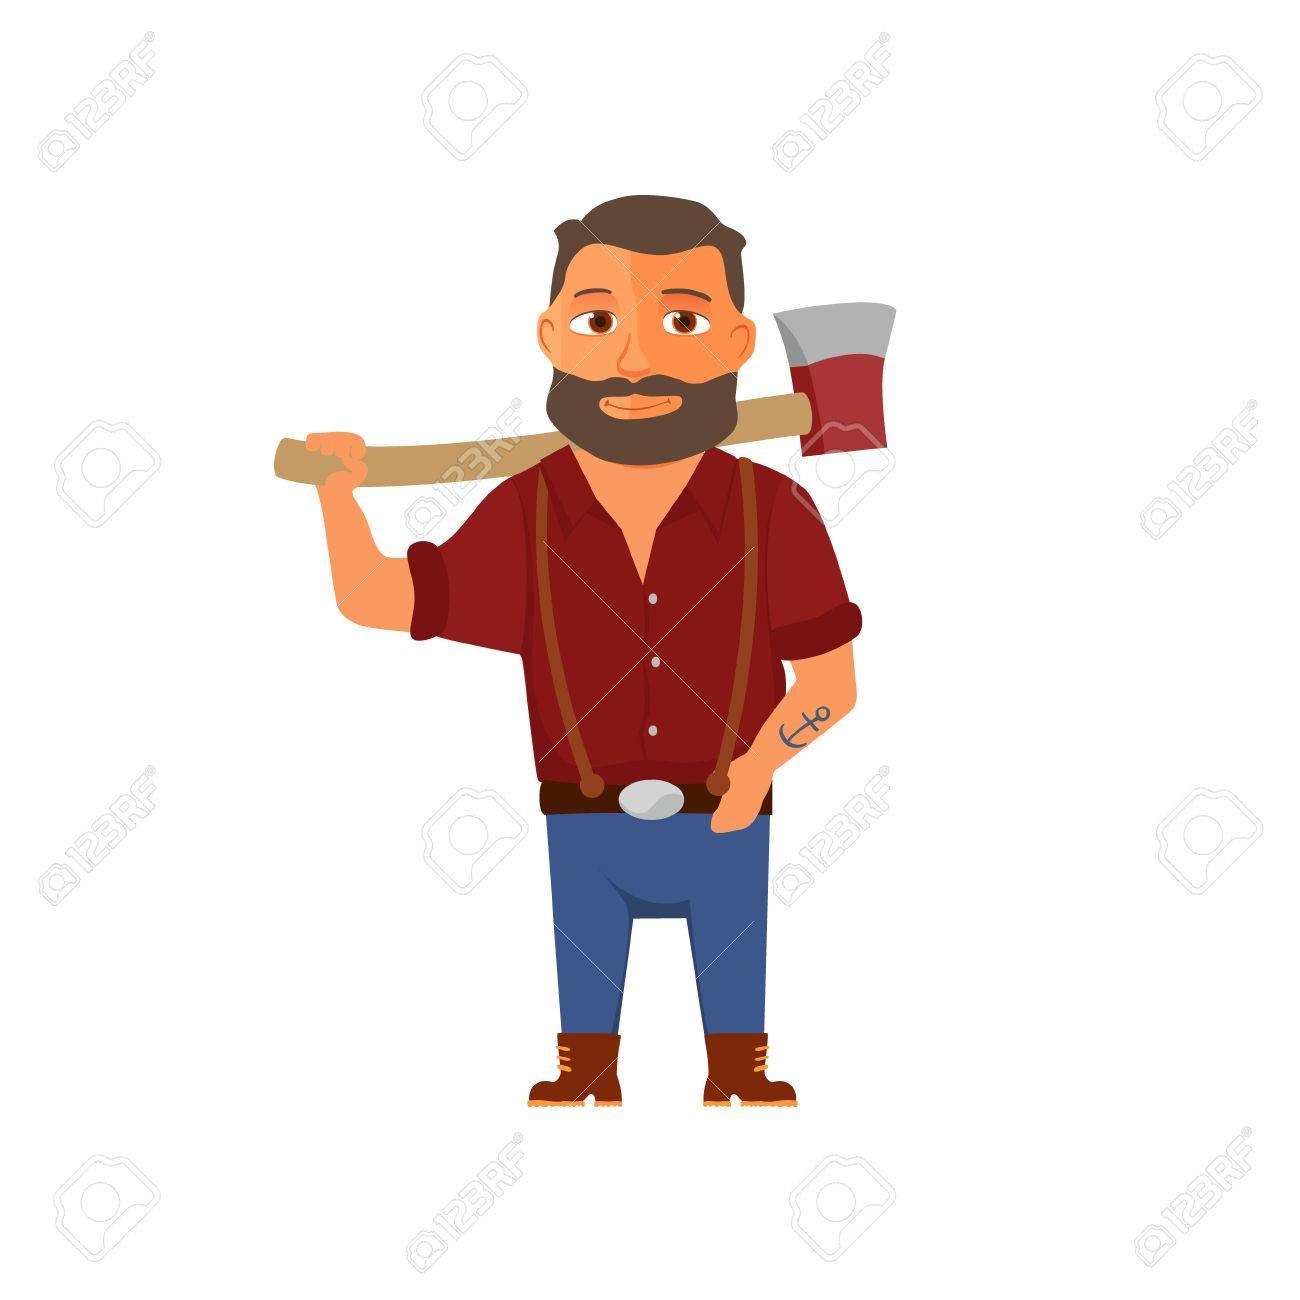 El internado (en el centro de la ciudad) - Página 2 61006127-cartoon-lumberjack-character-with-axe-vector-illustration